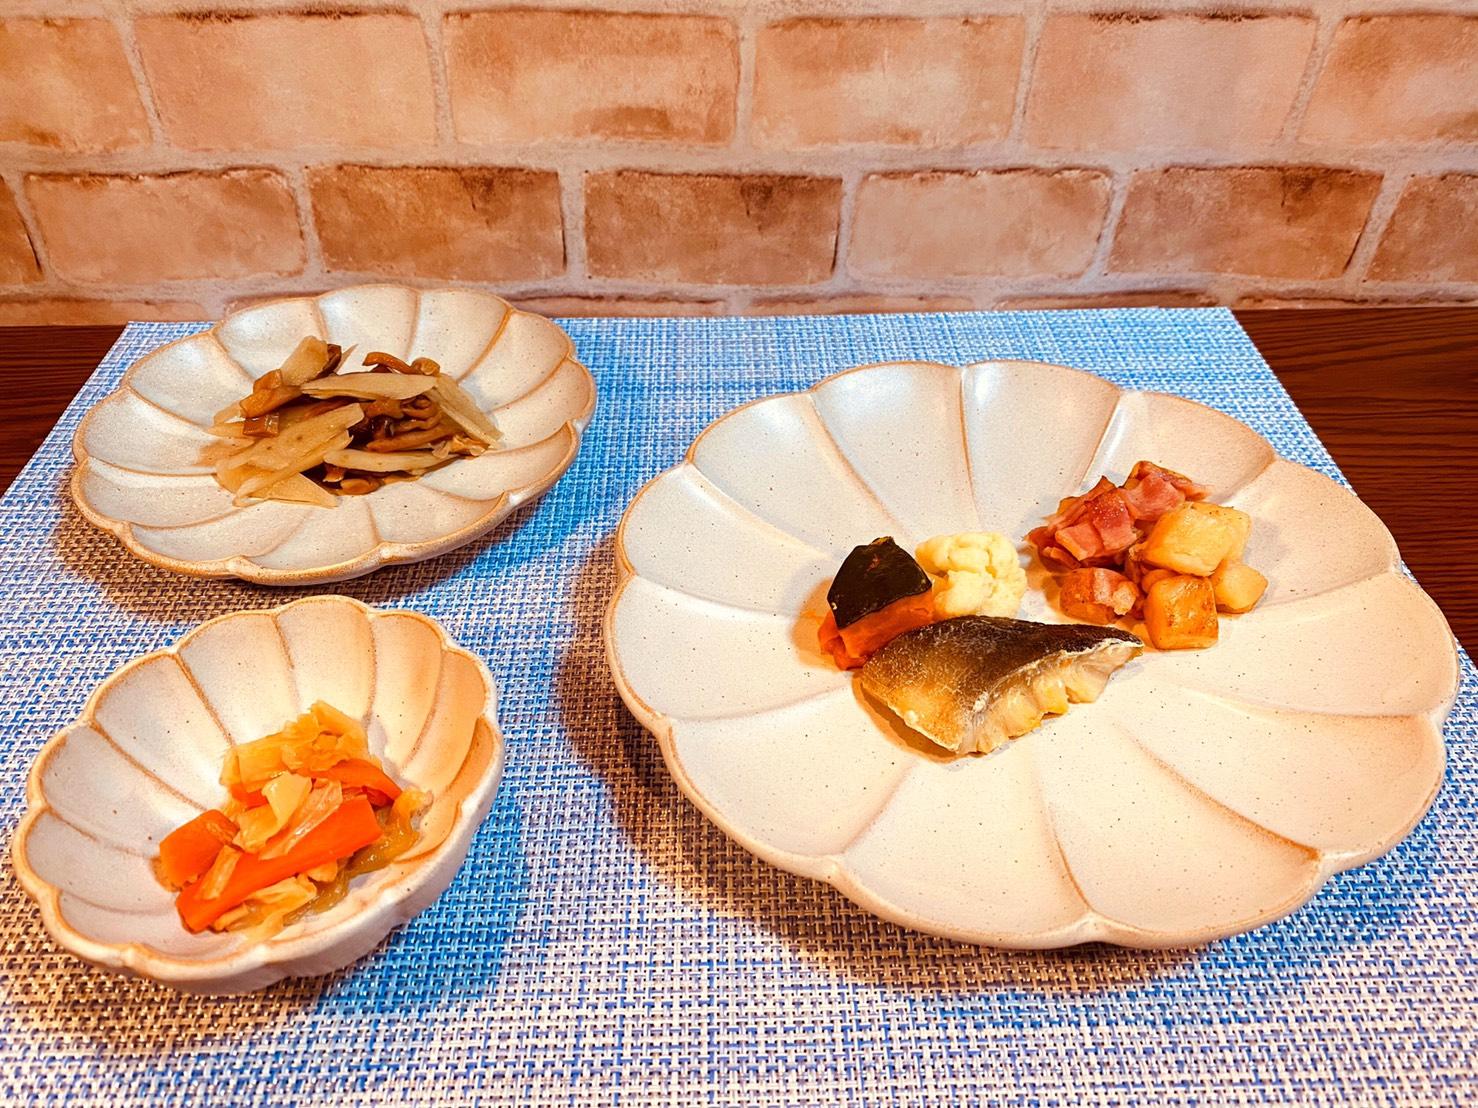 腎臓病食(たんぱく調整食9g)試食コース12食